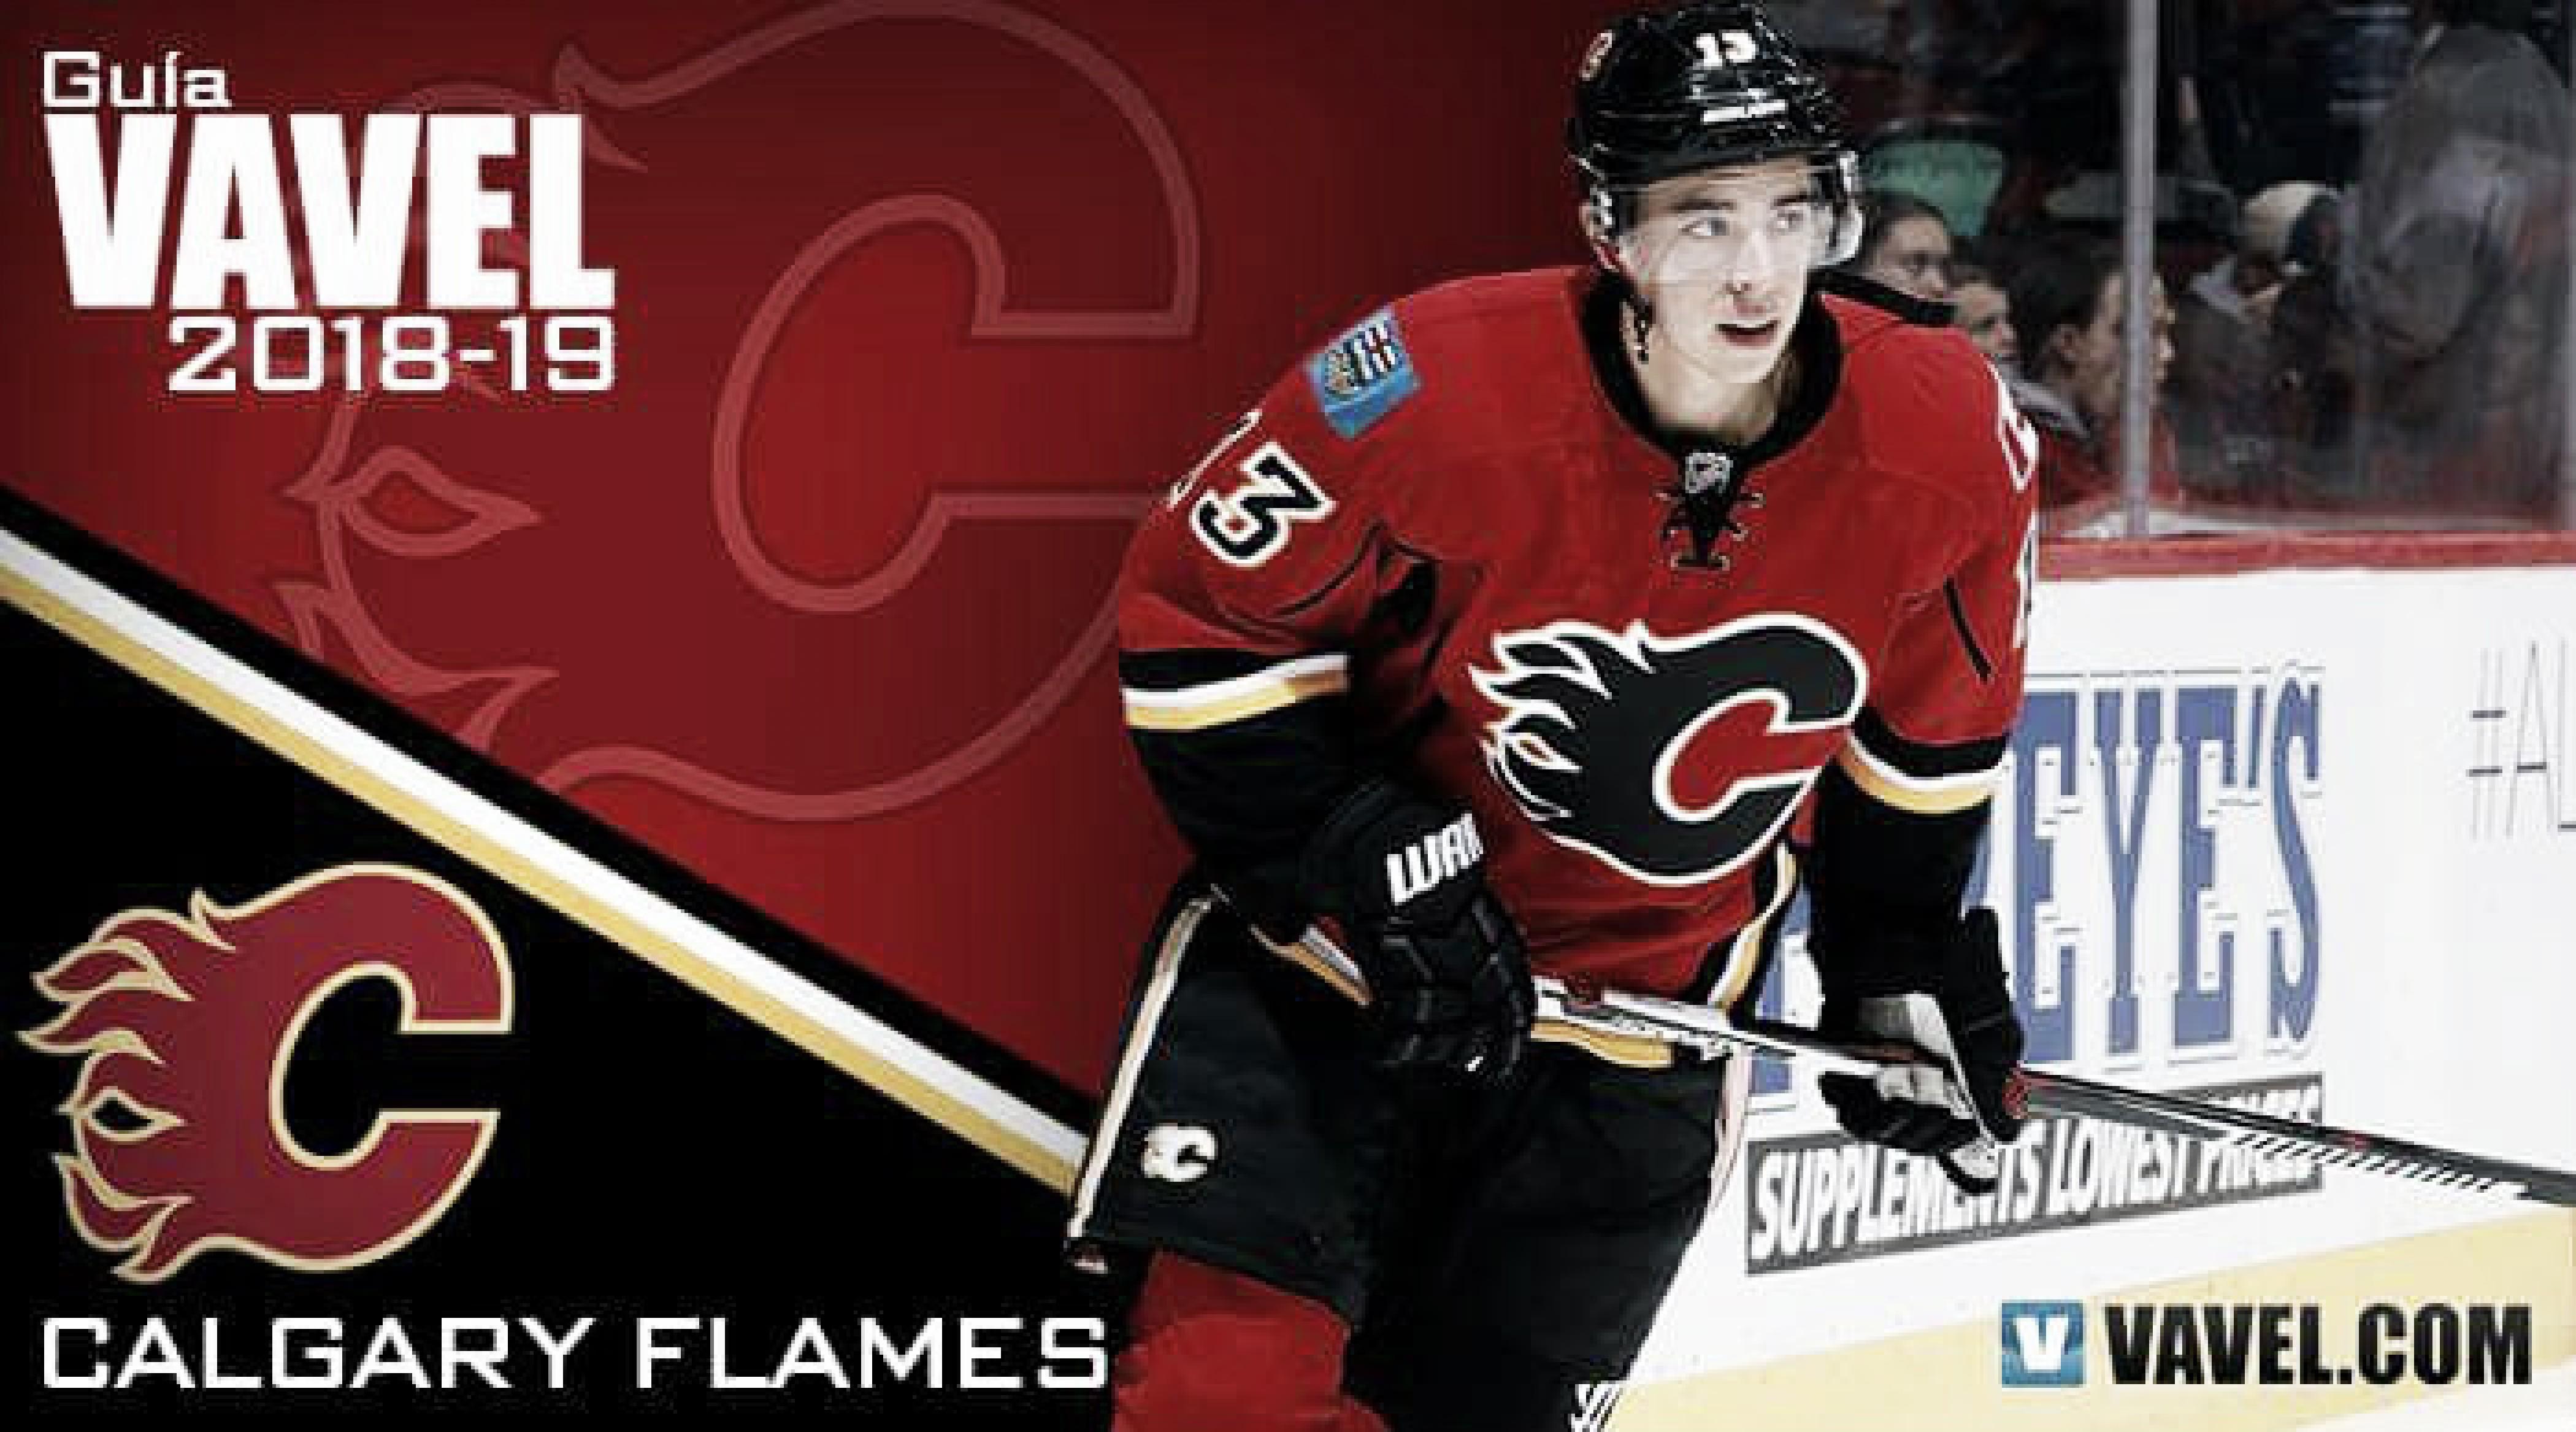 Guía VAVEL Calgary Flames 2018/19: el objetivo son los playoffs